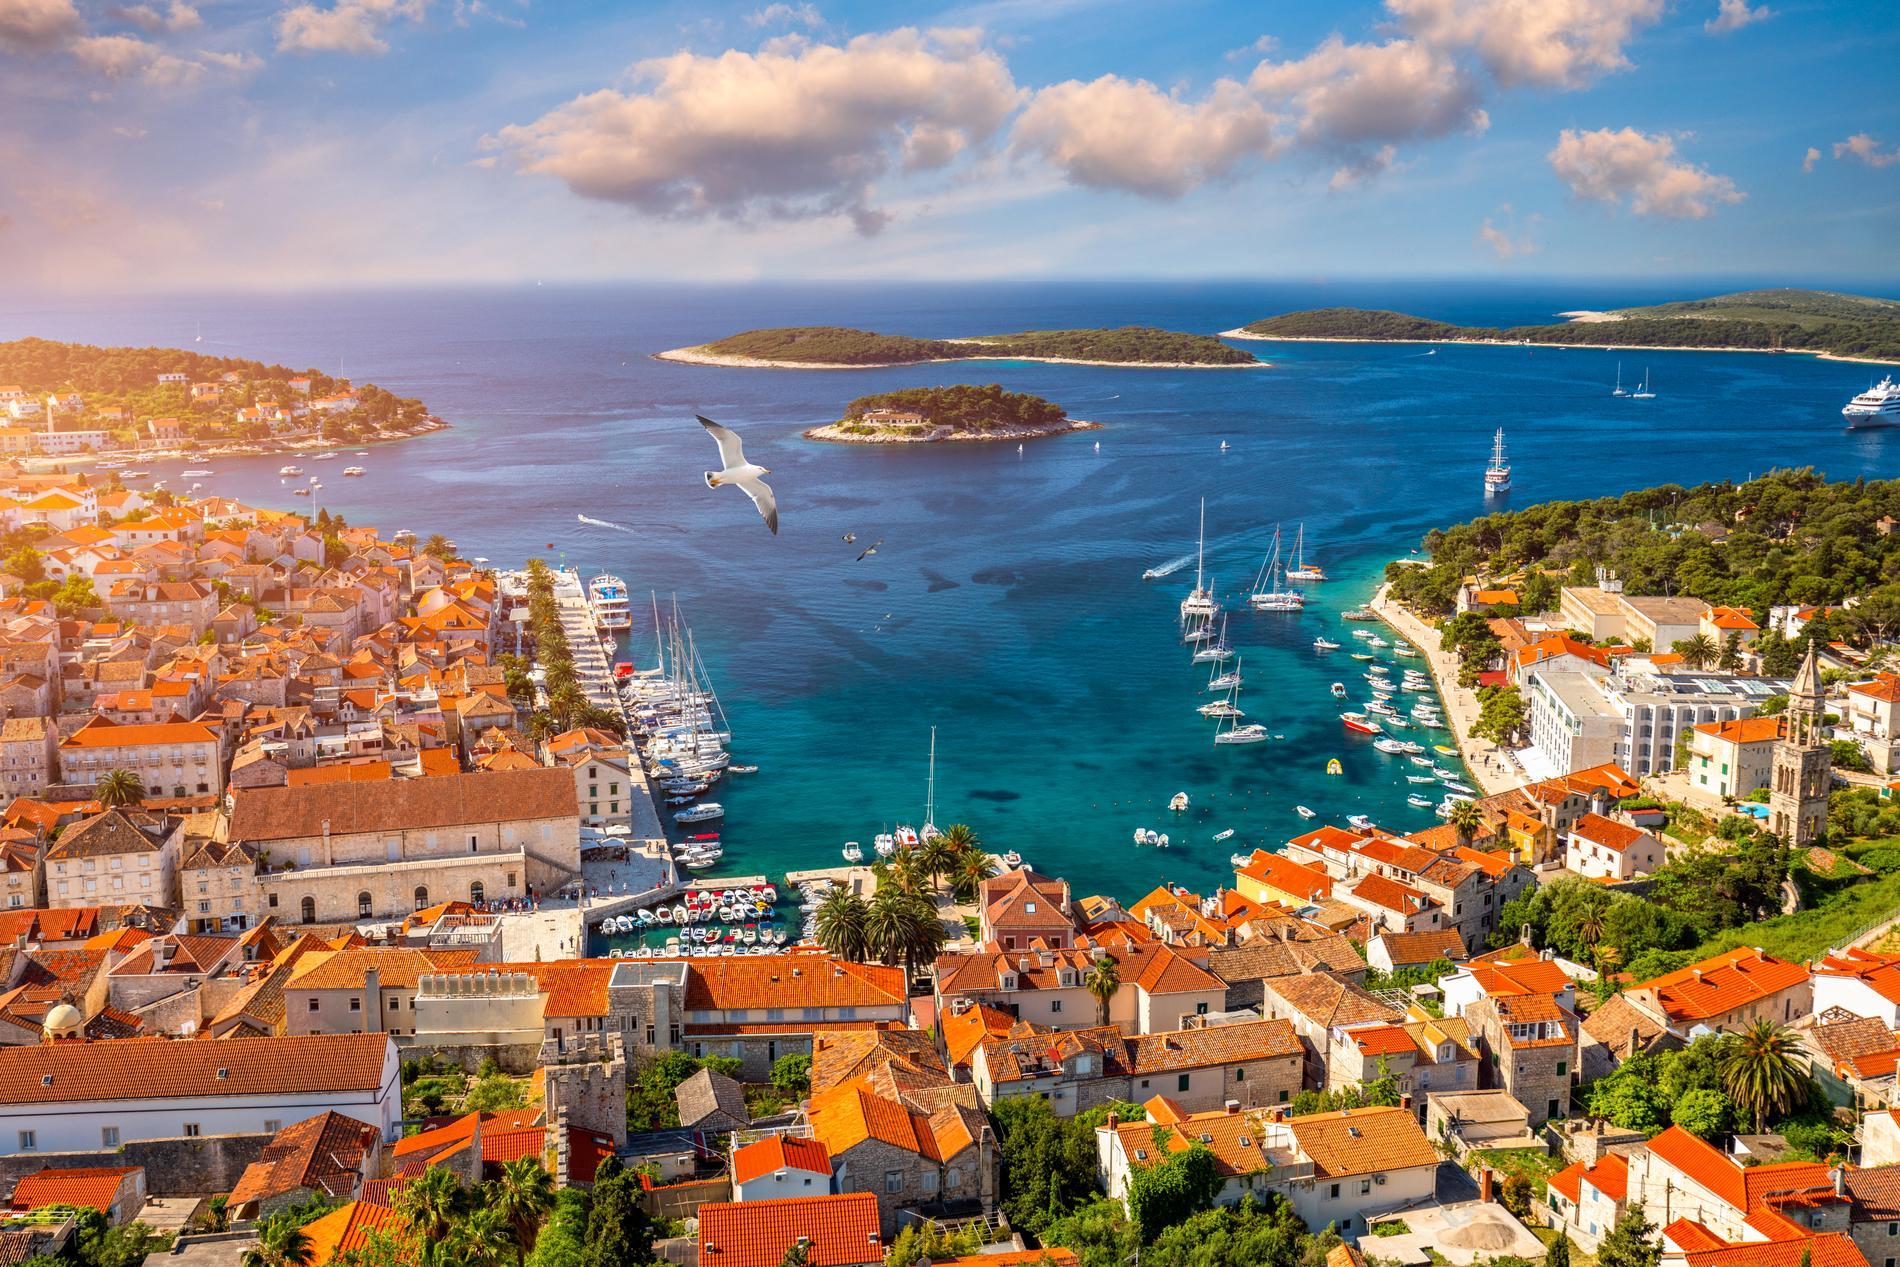 Hvar i södra Kroatien utsågs till Europas bästa ö i år.